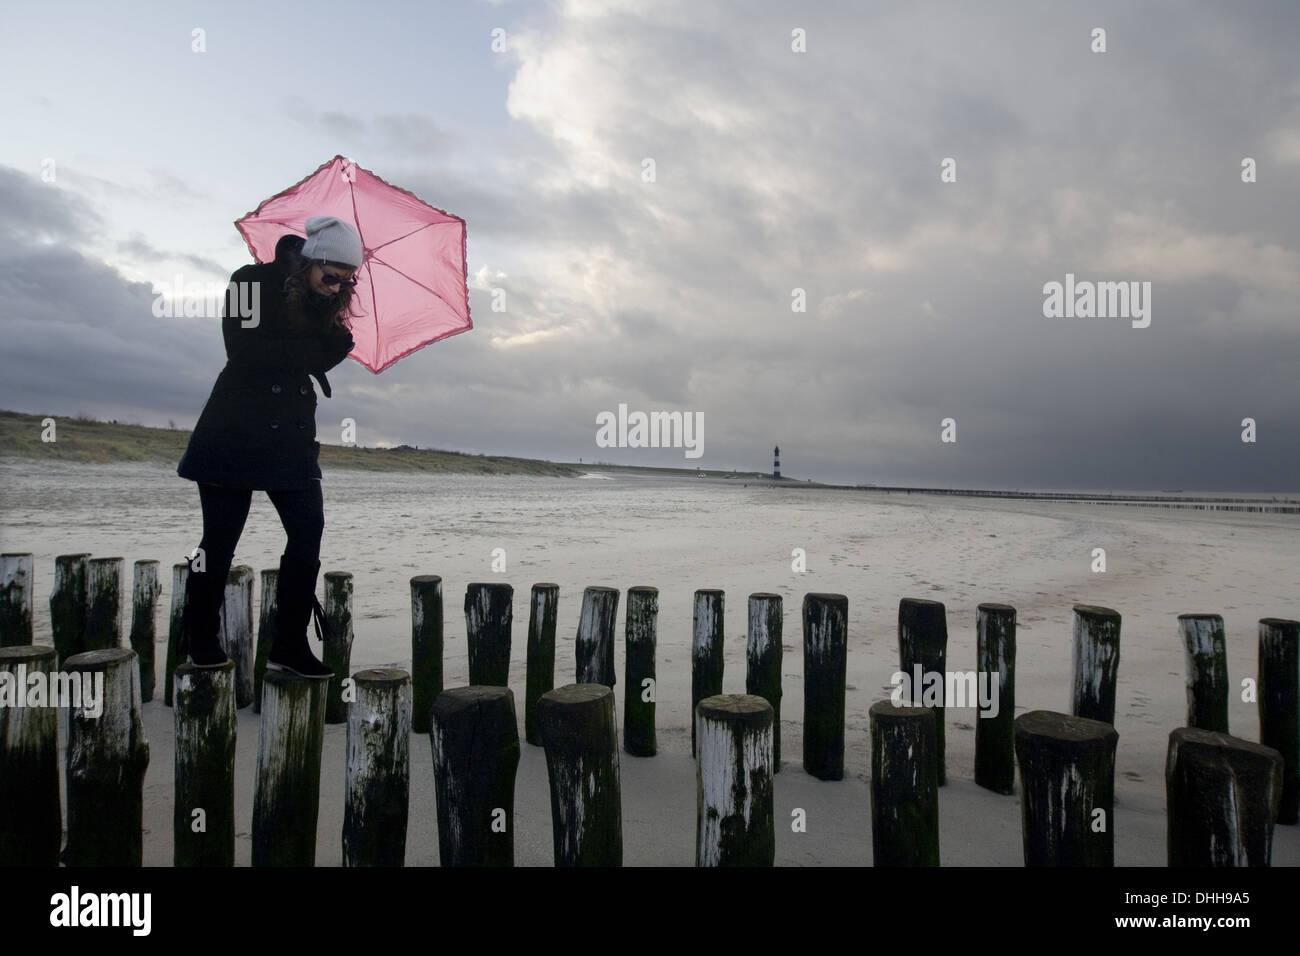 Giovane donna con ombrello rosa Immagini Stock